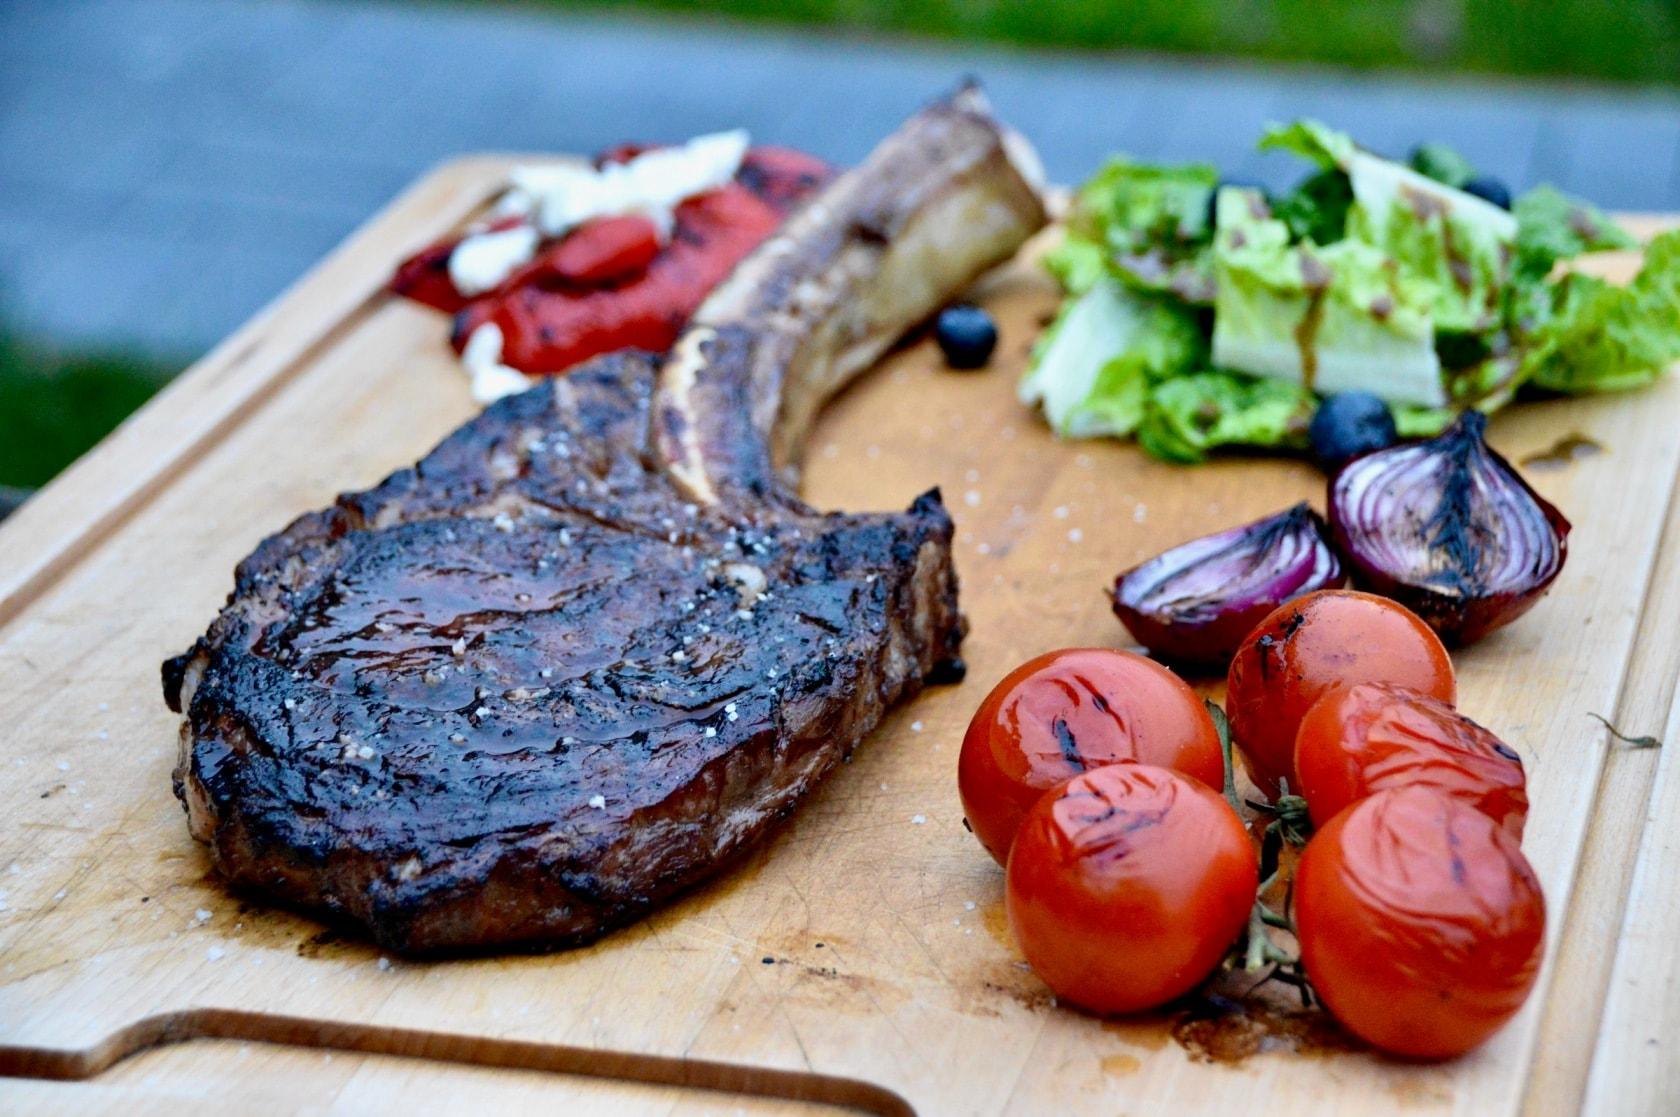 Wagyu Tomahawk Steak gegrillt mit Tomaten und Salat